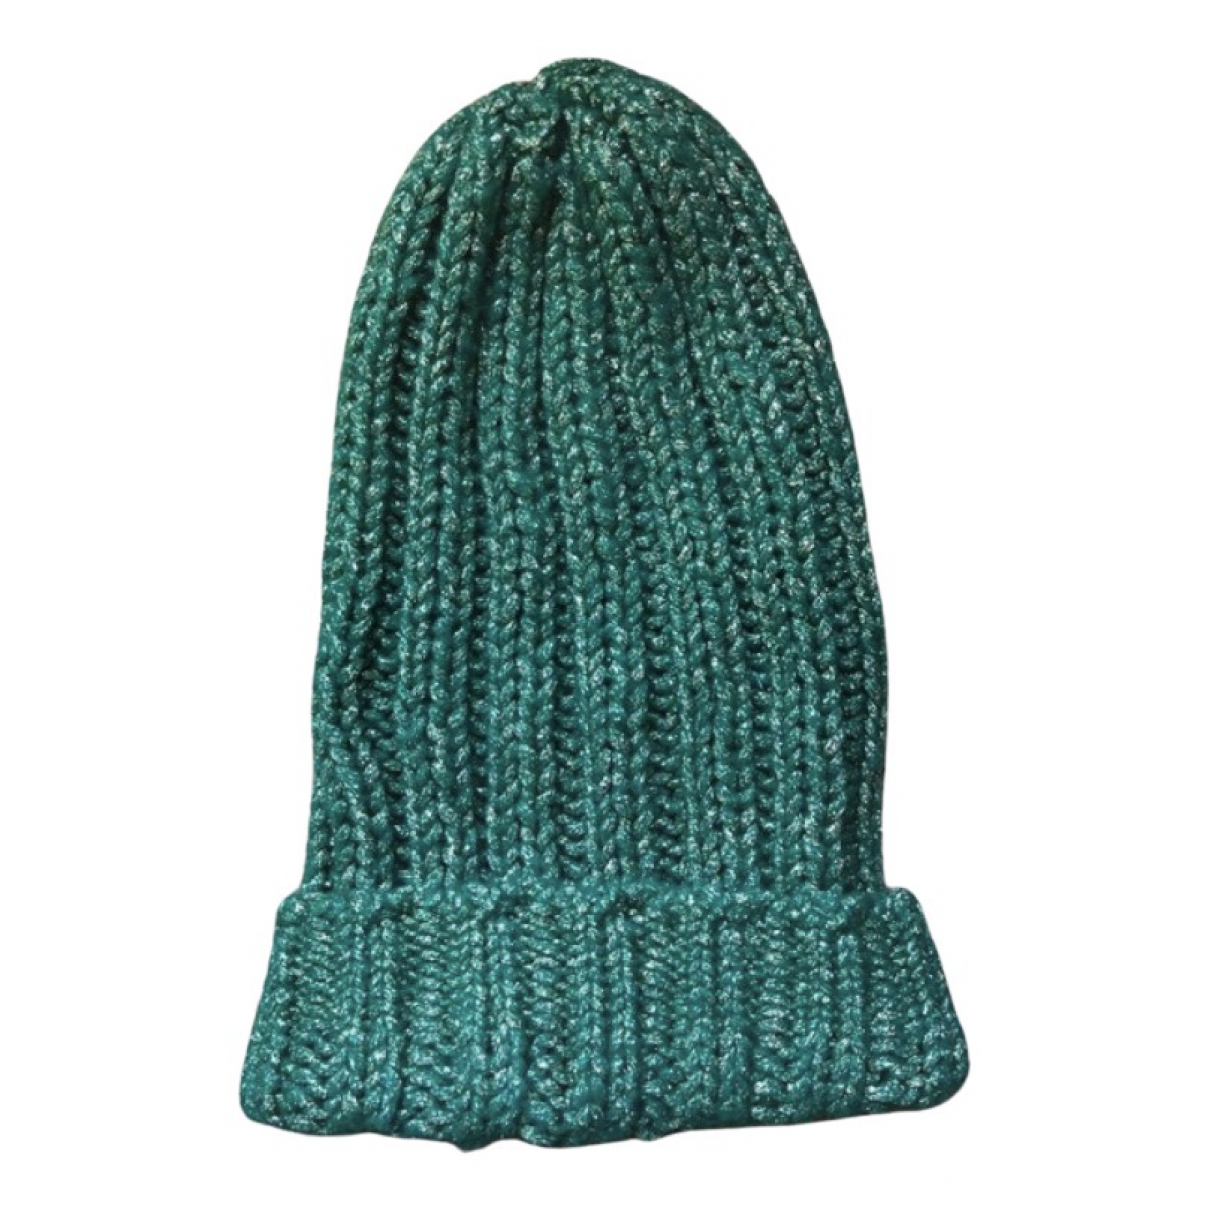 Essentiel Antwerp - Chapeau   pour femme en a paillettes - vert